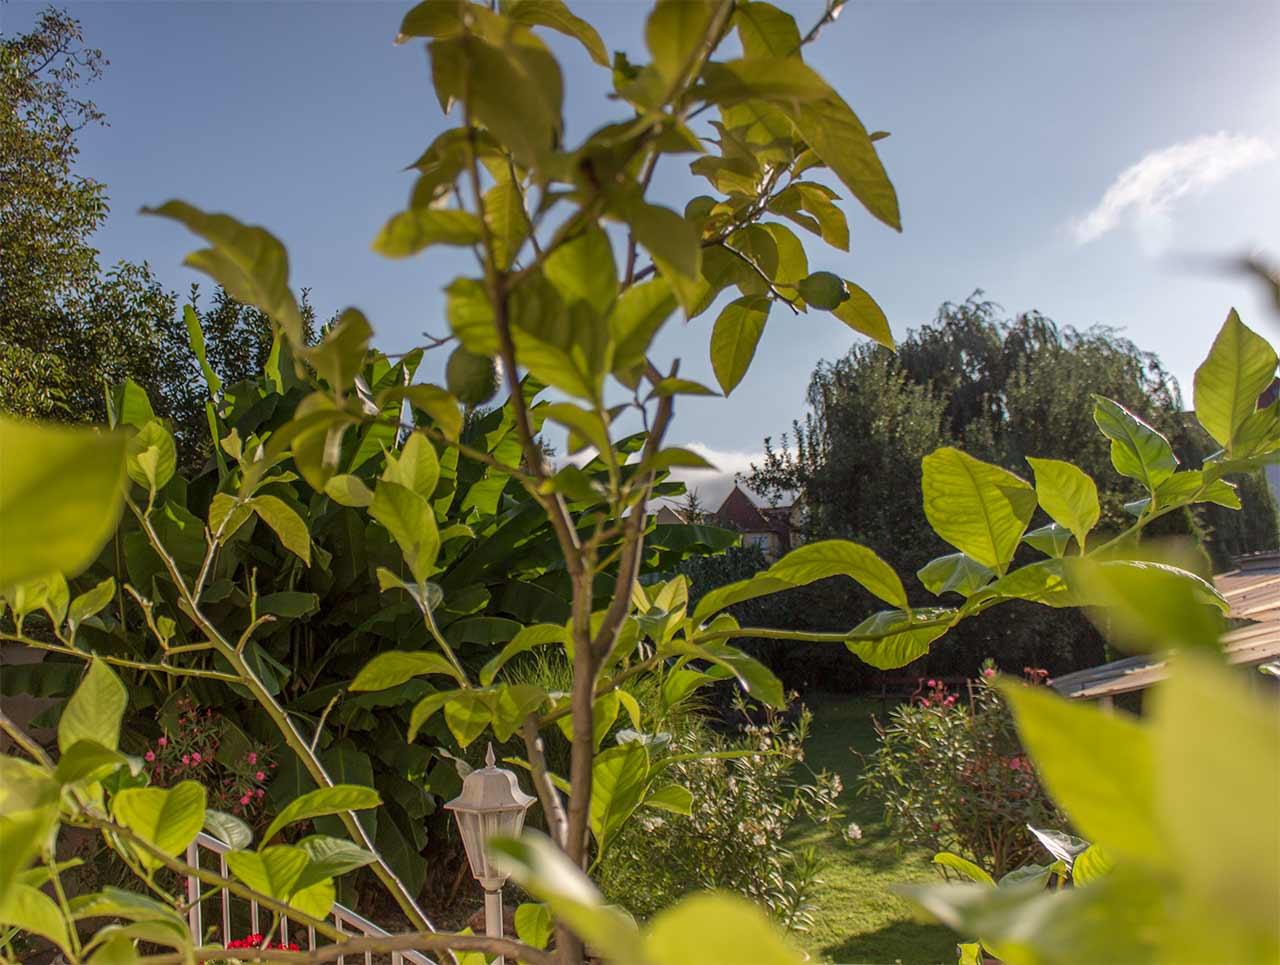 Citromfa, háttérben a banánfával